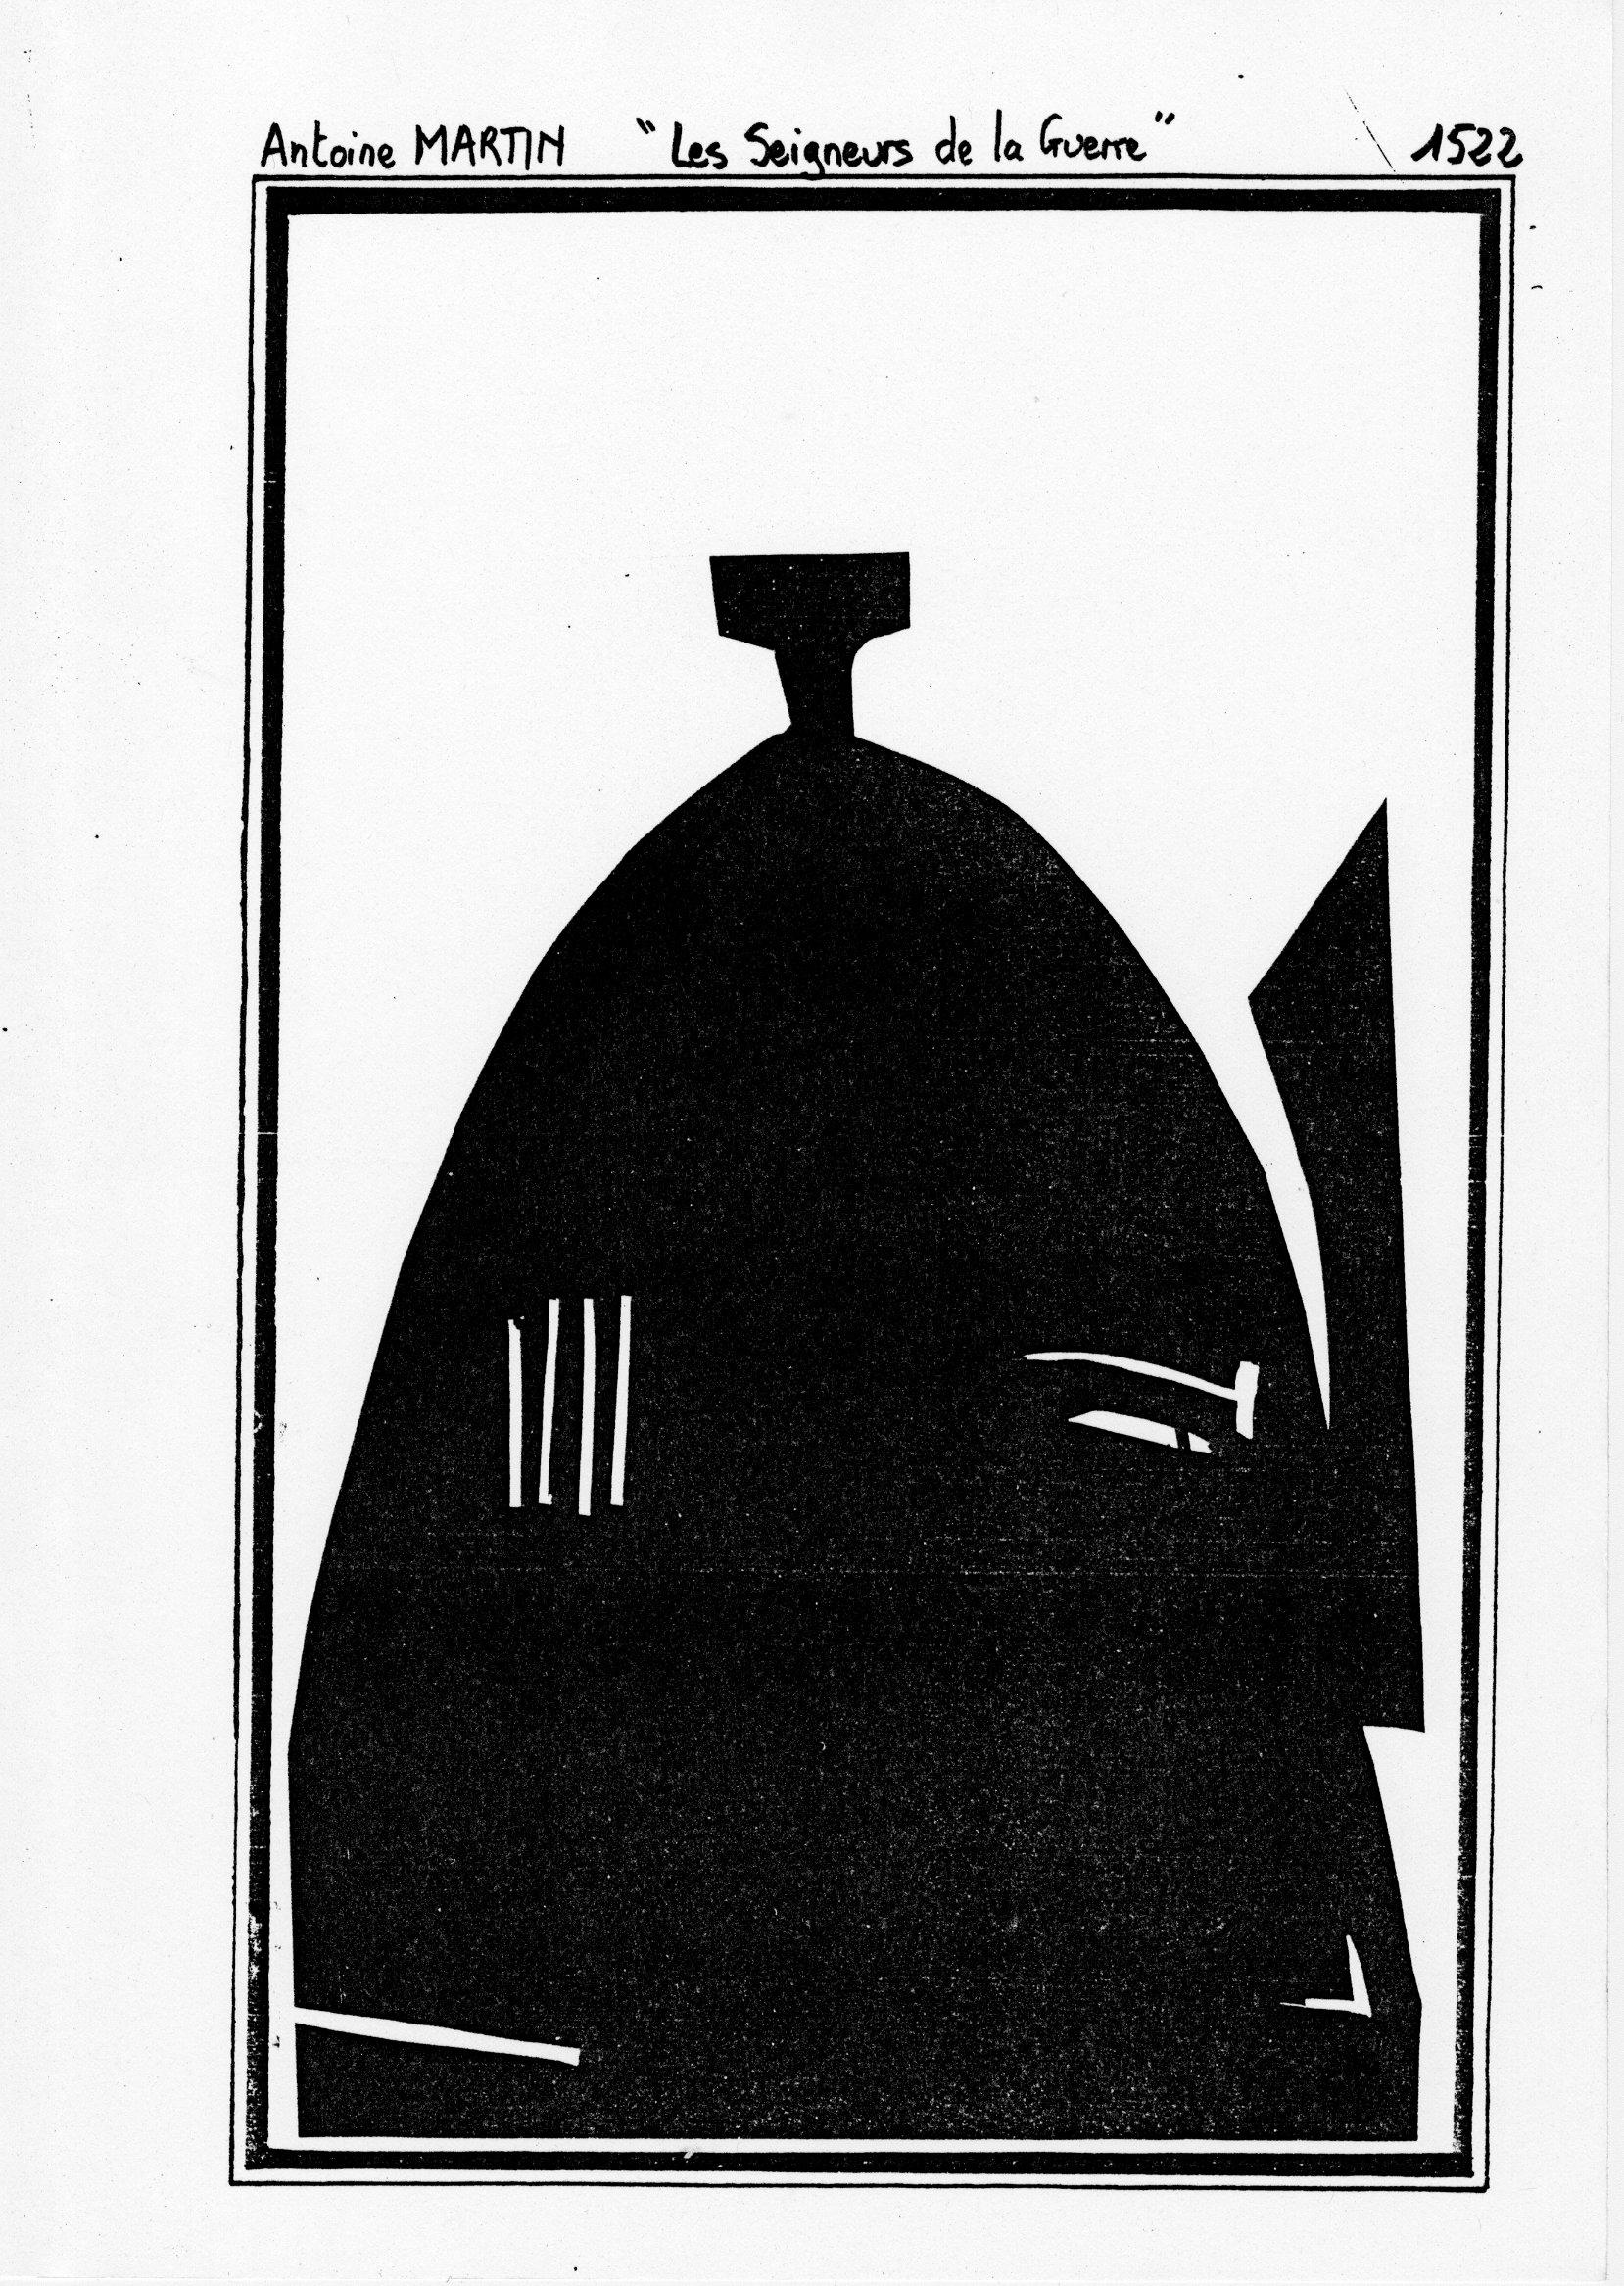 page 1522 A. Martin LES SEIGNEURS DE LA GUERRE